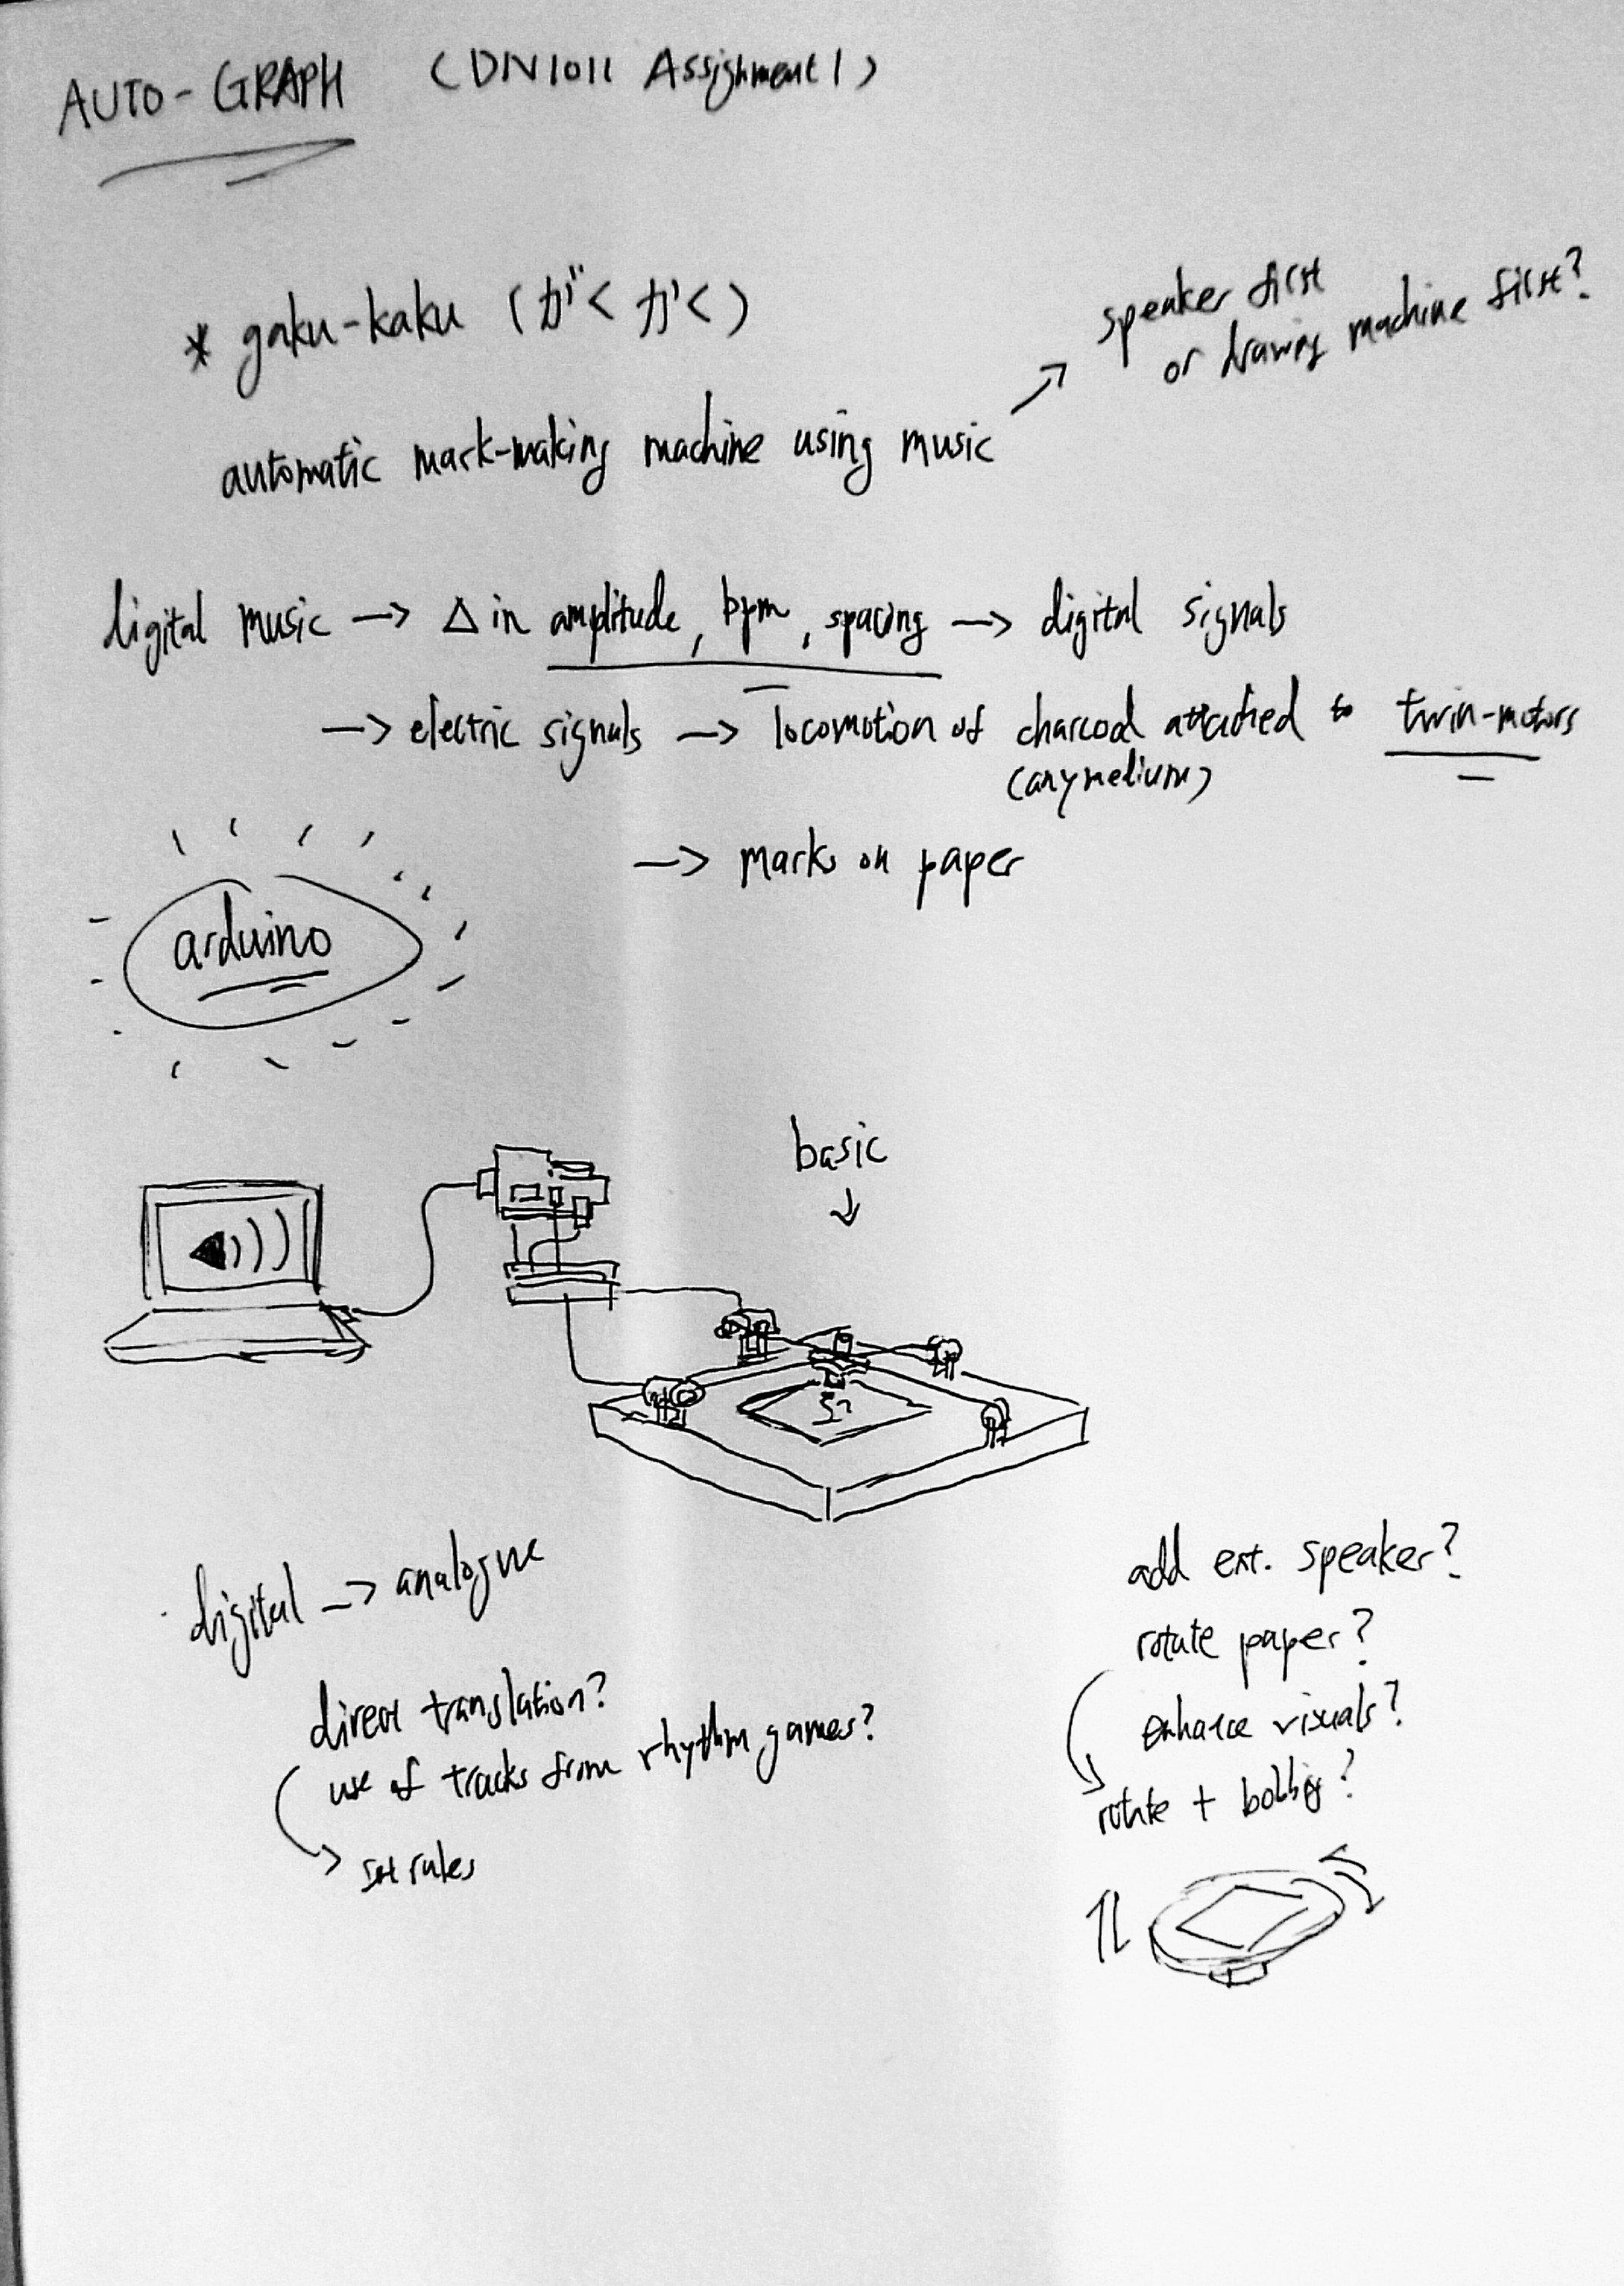 osu!aimbot (Project 1: Auto-Graph) – バイの摩天楼